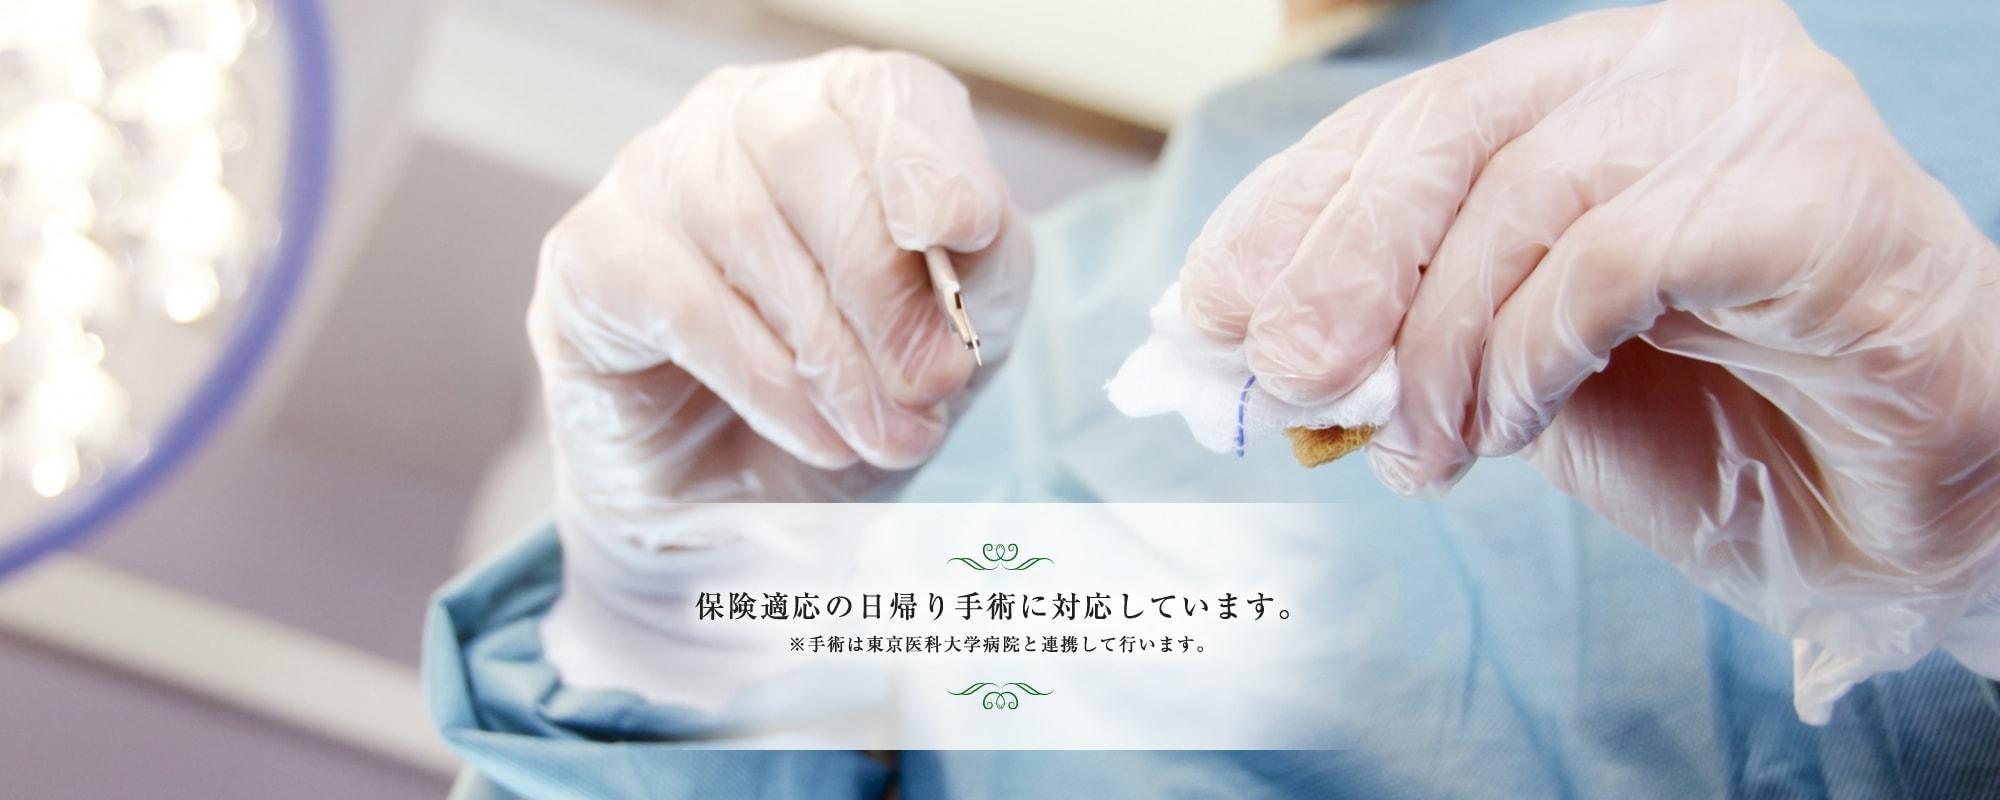 保険適応の日帰り手術に対応しています。